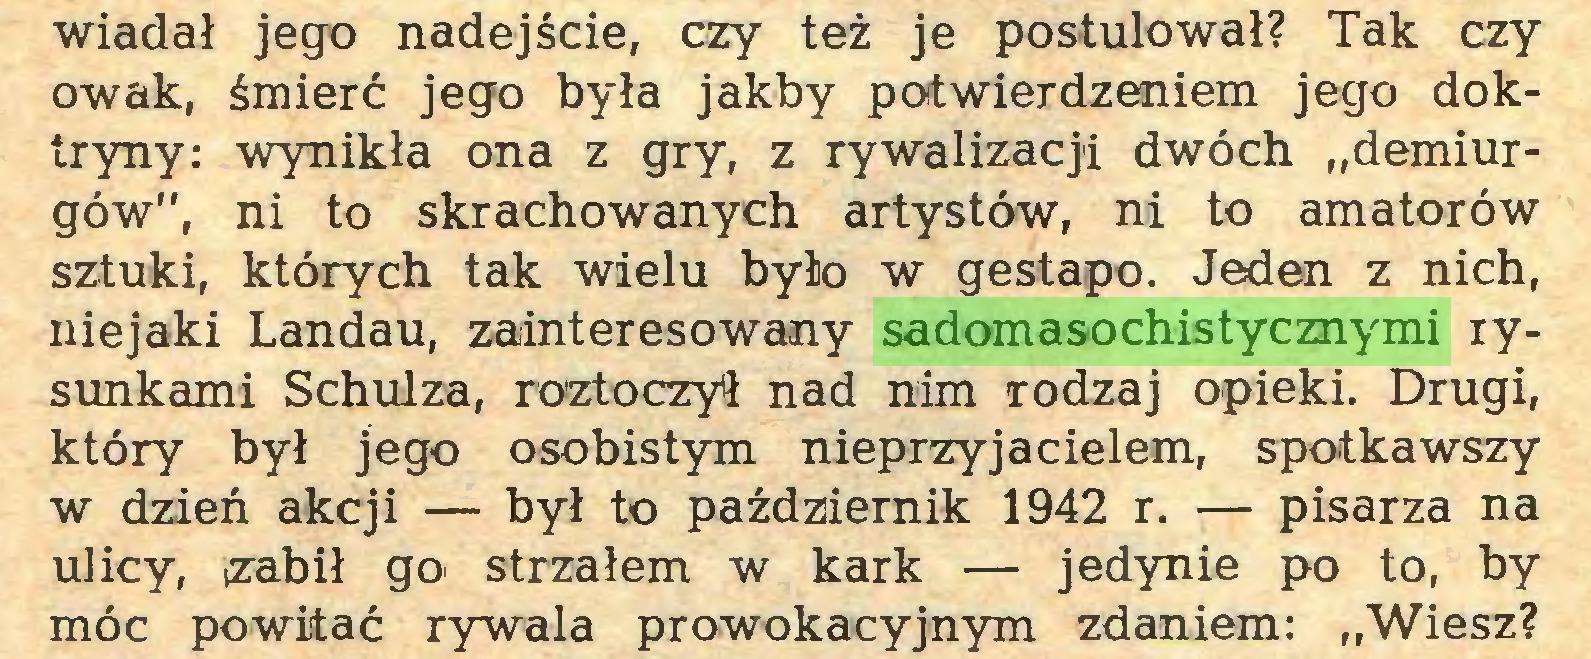 """(...) wiadał jego nadejście, czy też je postulował? Tak czy owak, śmierć jego była jakby potwierdzeniem jego doktryny: wynikła ona z gry, z rywalizacji dwóch """"demiurgów"""", ni to skrachowanych artystów, ni to amatorów sztuki, których tak wielu było w gestapo. Jeden z nich, niejaki Landau, zainteresowany sadomasochistycznymi rysunkami Schulza, roztoczyli nad nim rodzaj opieki. Drugi, który był jego osobistym nieprzyjacielem, spotkawszy w dzień akcji — był to październik 1942 r. — pisarza na ulicy, zabił go' strzałem w kark — jedynie po to, by móc powitać rywala prowokacyjnym zdaniem: """"Wiesz?..."""